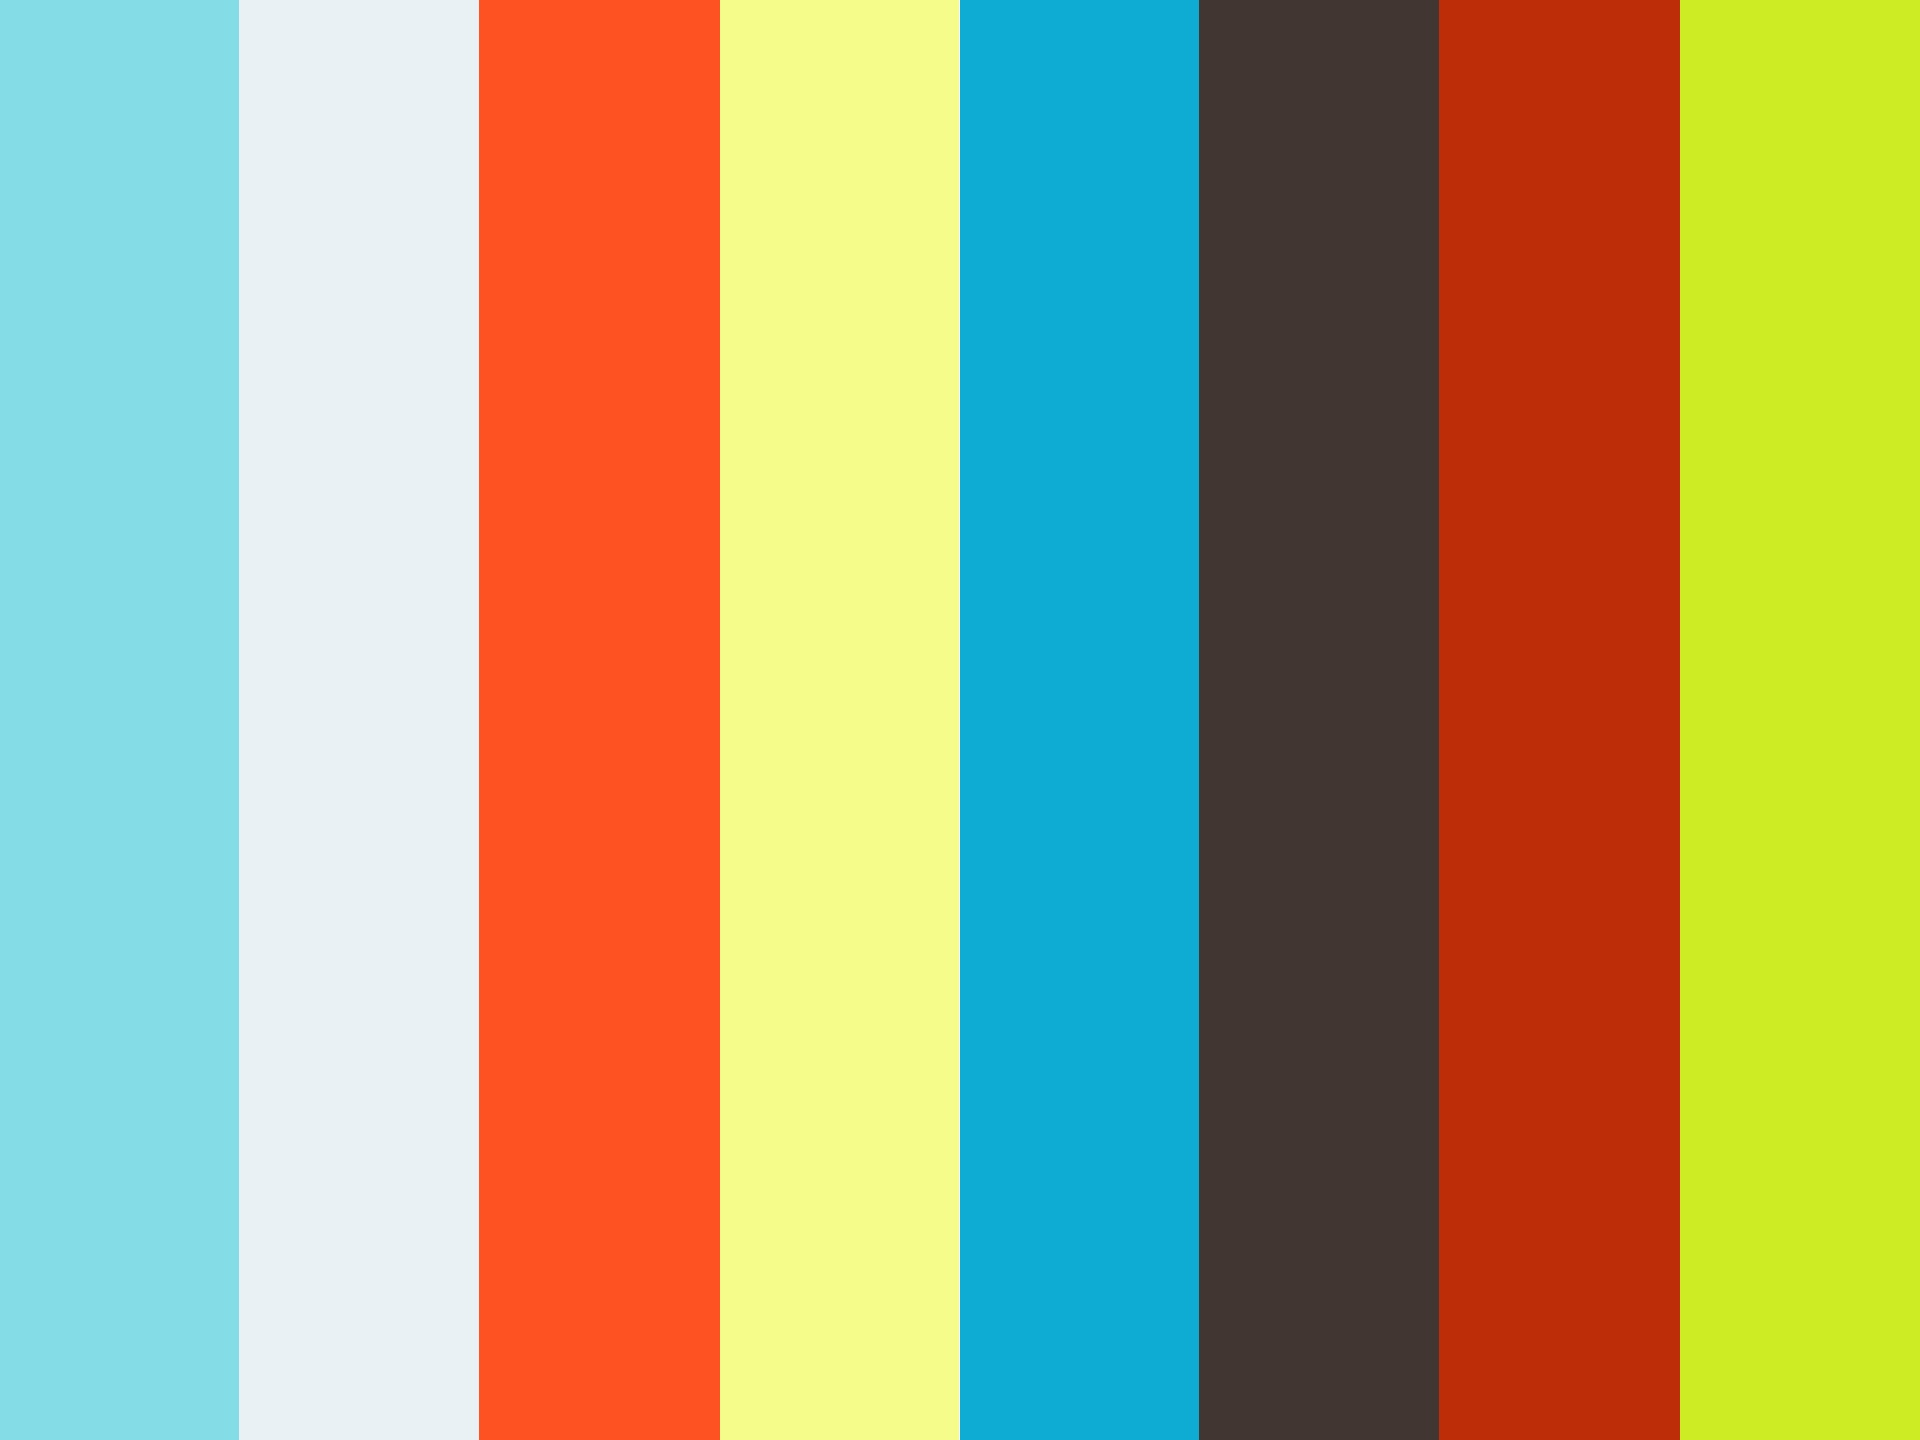 Futurama 3d (test shot)